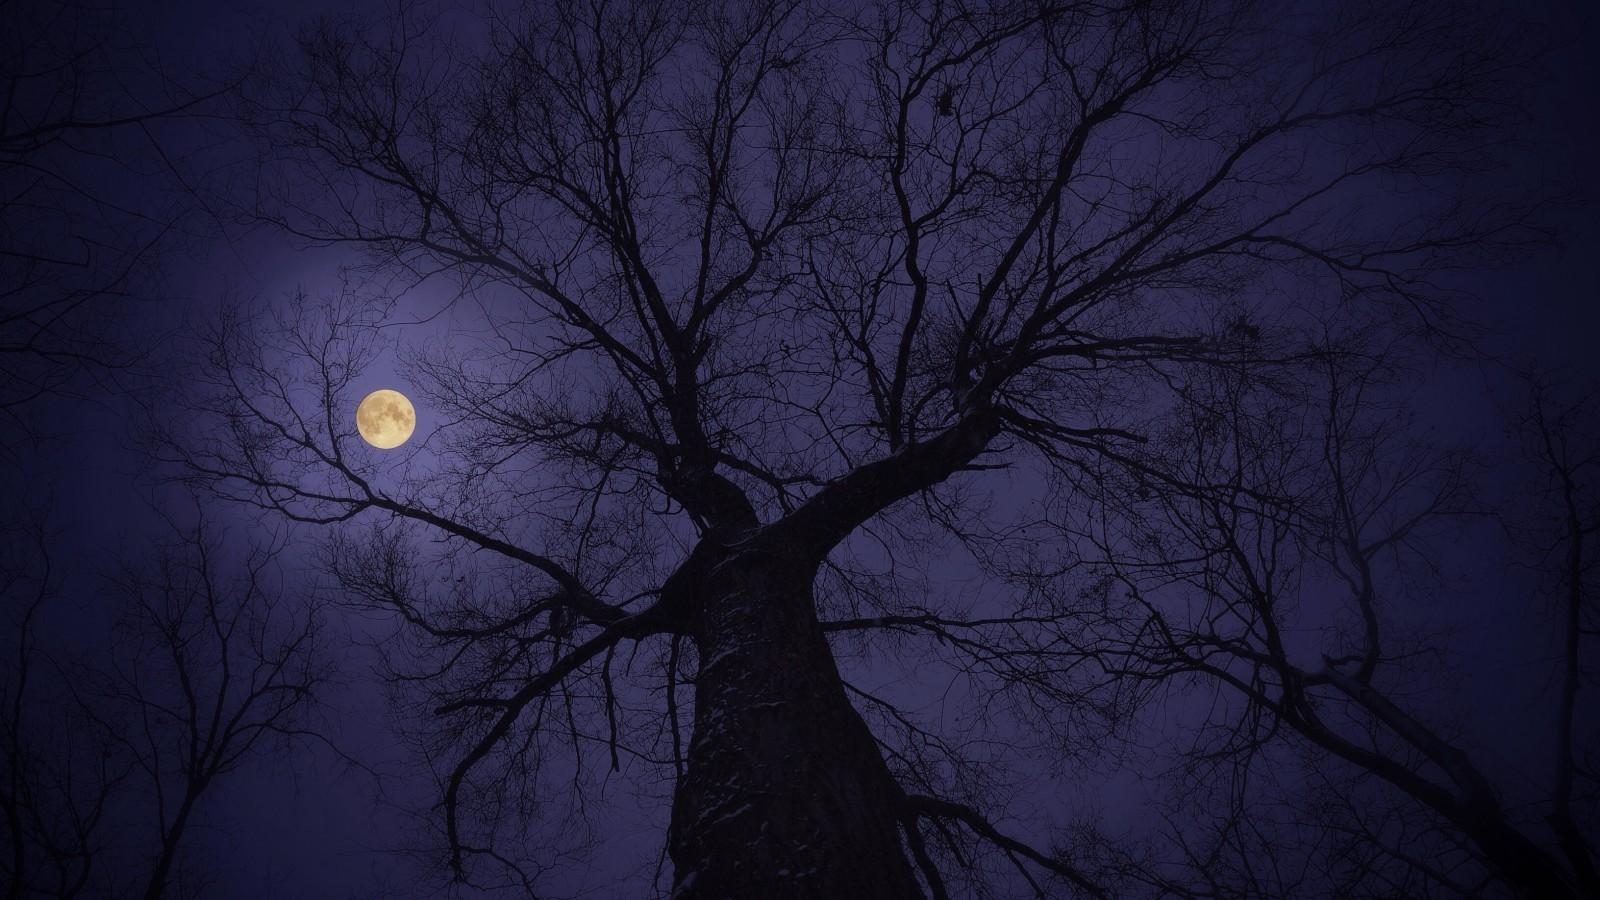 Зловещее полнолуние ночь луна лес